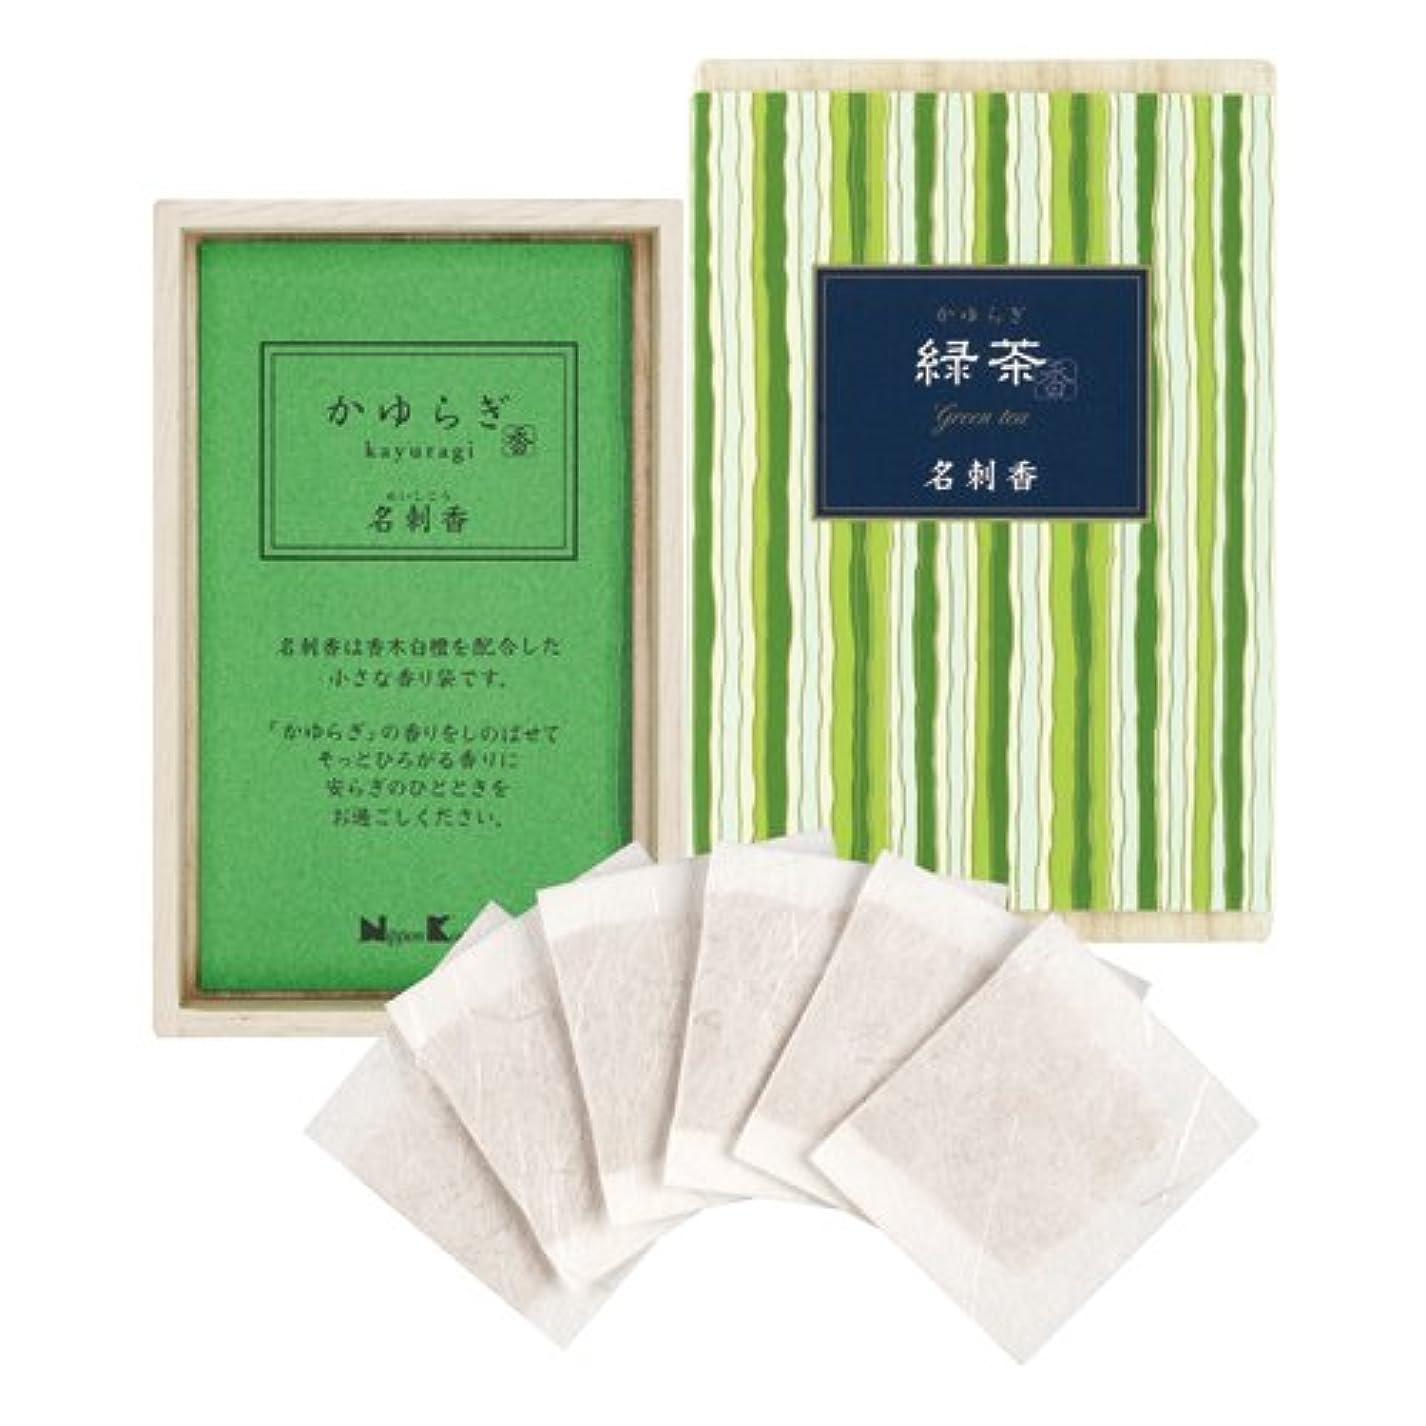 増幅する有料隣人かゆらぎ 緑茶 名刺香 桐箱 6入